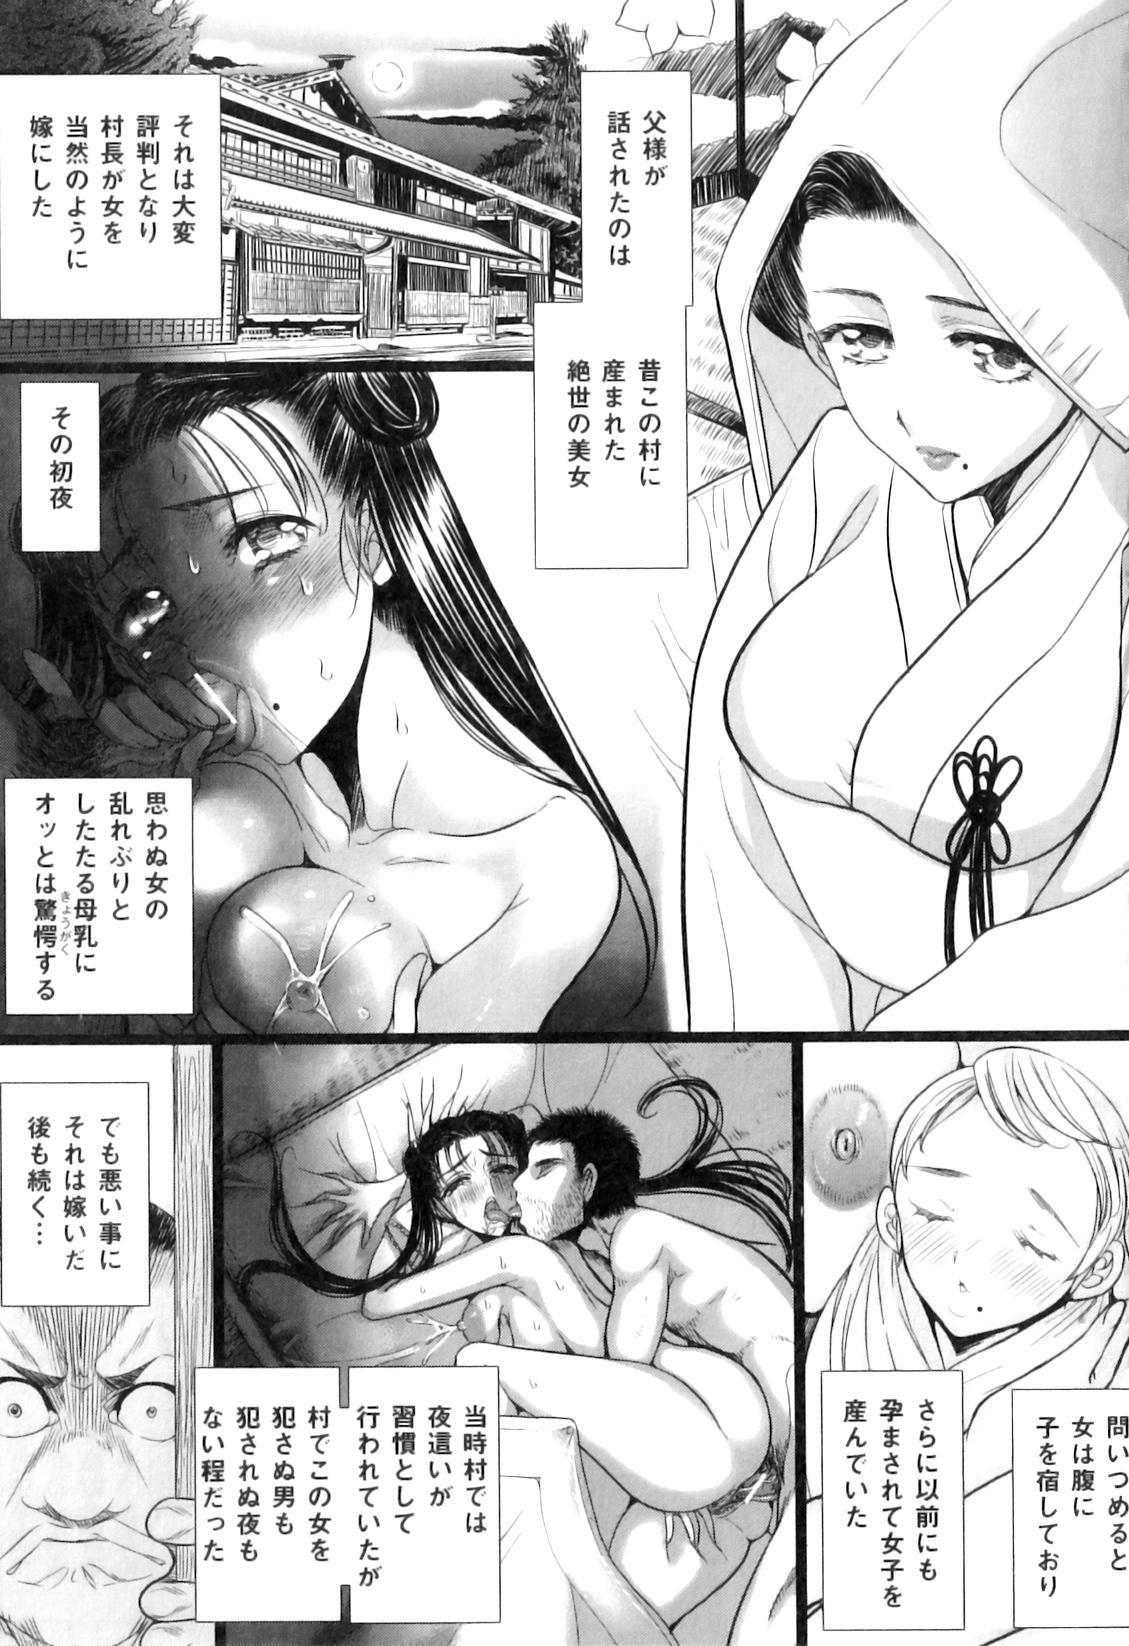 COMIC Juuyoku Vol. 07 51